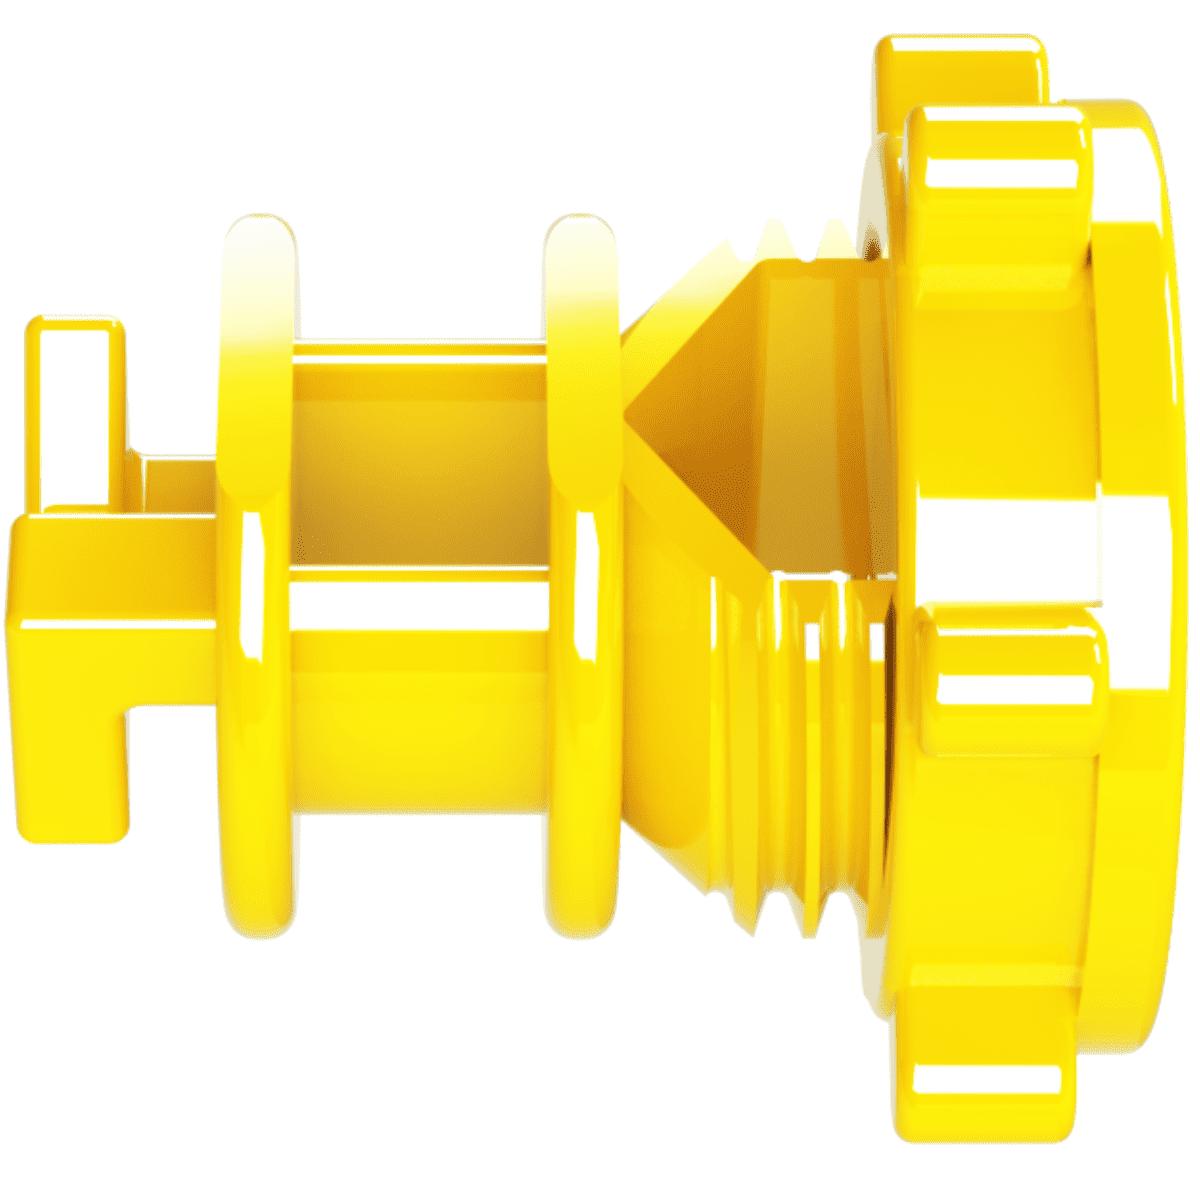 Isolador Vergalhão Rosca Amarelo Cerca Elétrica Rural Residencial Industrial Pacote 50 Unidades  - Ambientude Agro e Pet